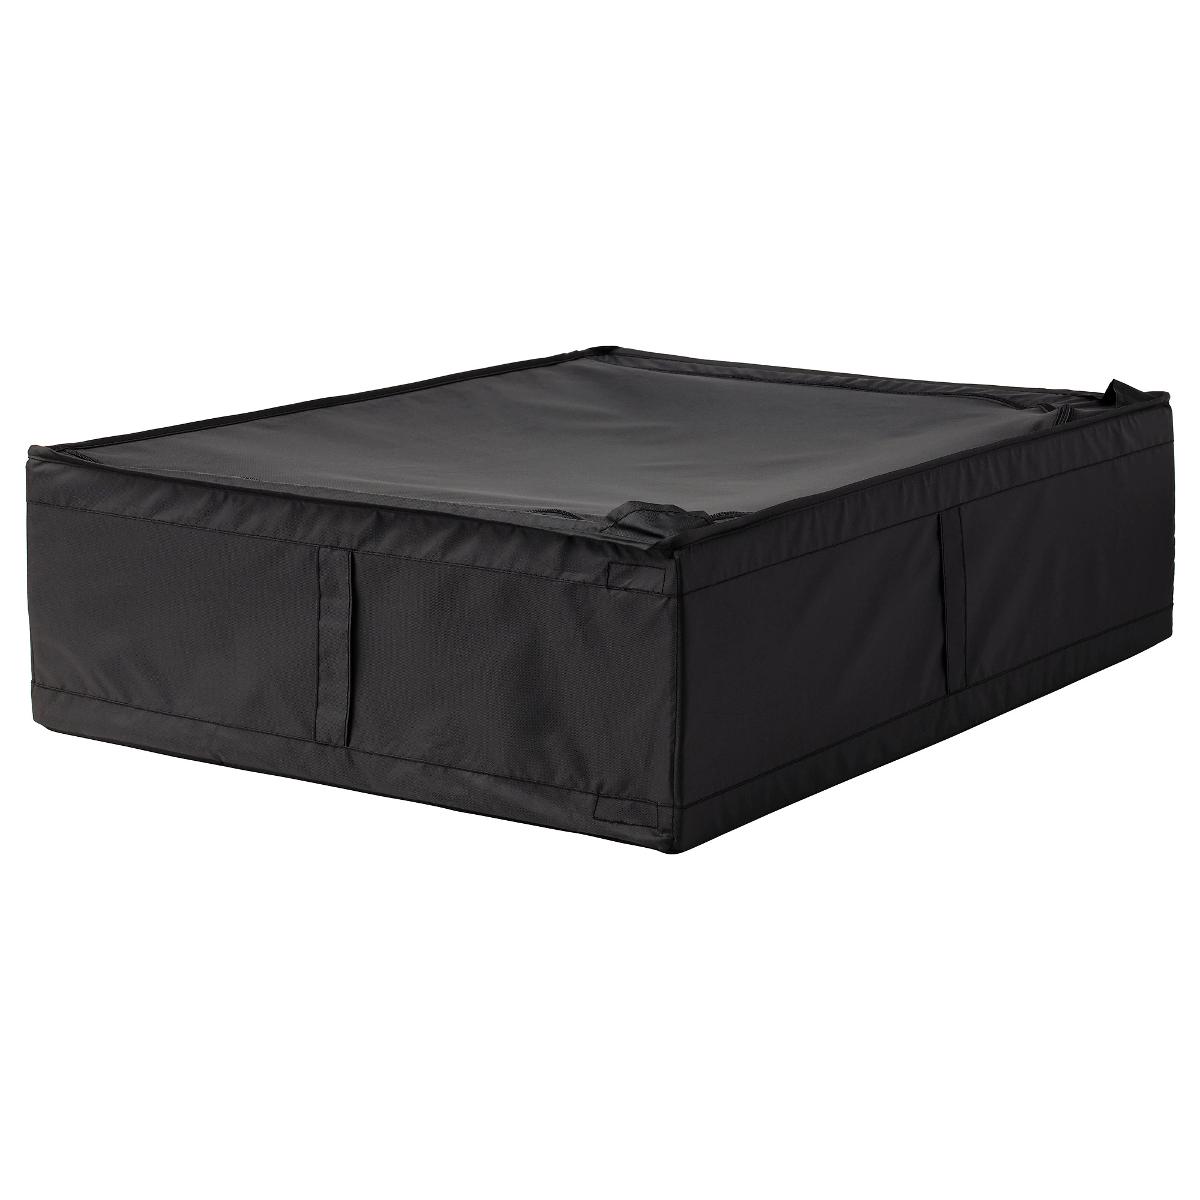 IKEA SKUBB Fach Box Aufbewahrung 69x55x19cm für PAX Schrank Farbe ...